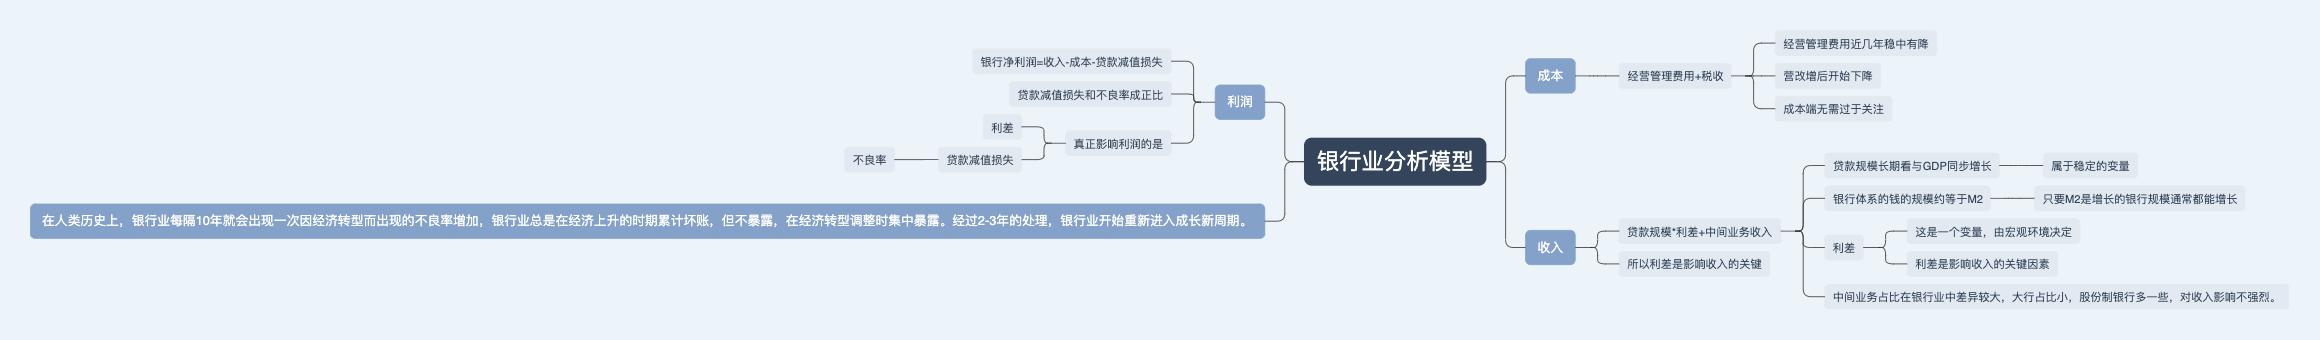 银行业分析模型